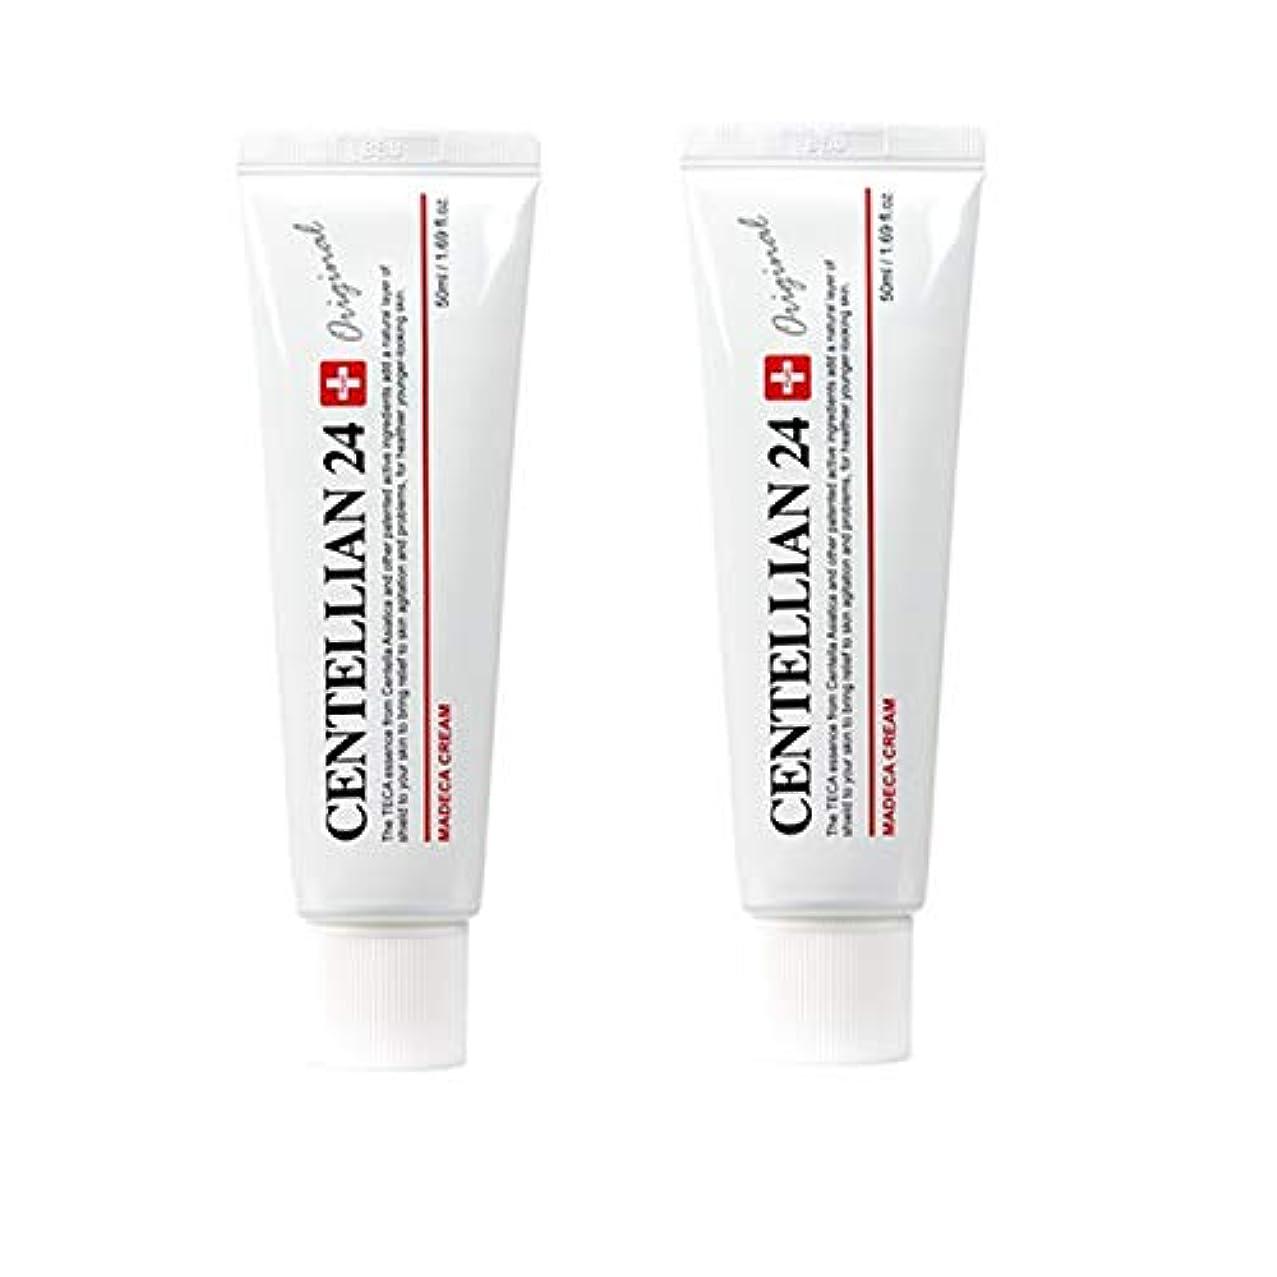 放射性ファッションアクチュエータセンテルリアン24マデカクリム50ml x 2本セット肌の保湿損傷した肌のケア東国 韓国コスメ、Centellian24 Madeca Cream 50ml x 2ea Set Skin Moisturizing Damaged...